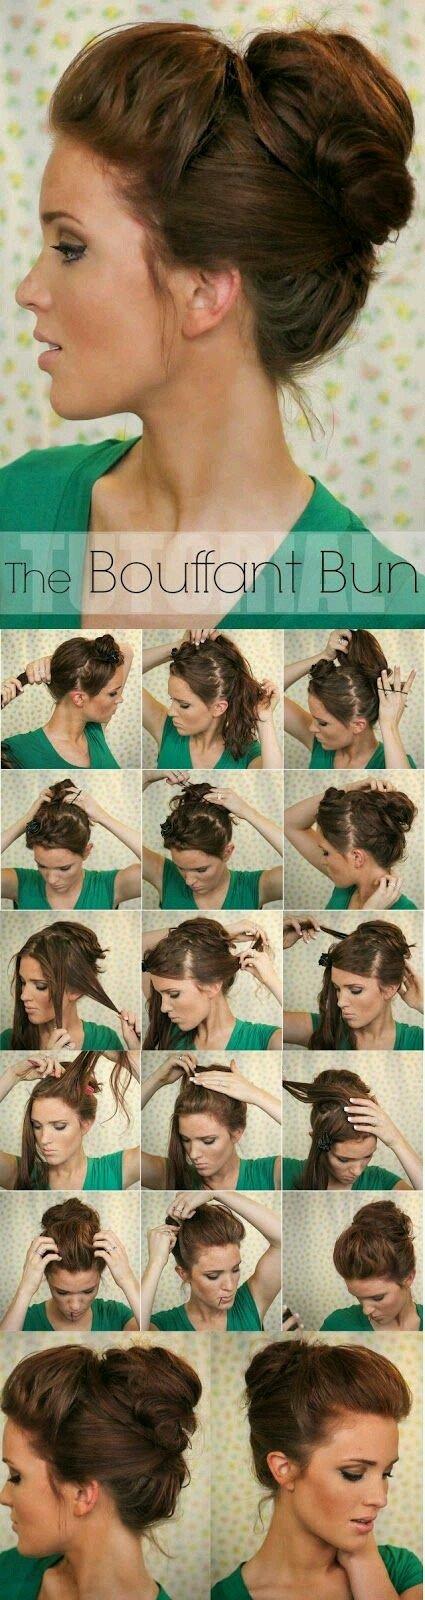 طريقة عمل كعكة الشعر المنتفخة بالصور #تسريحات